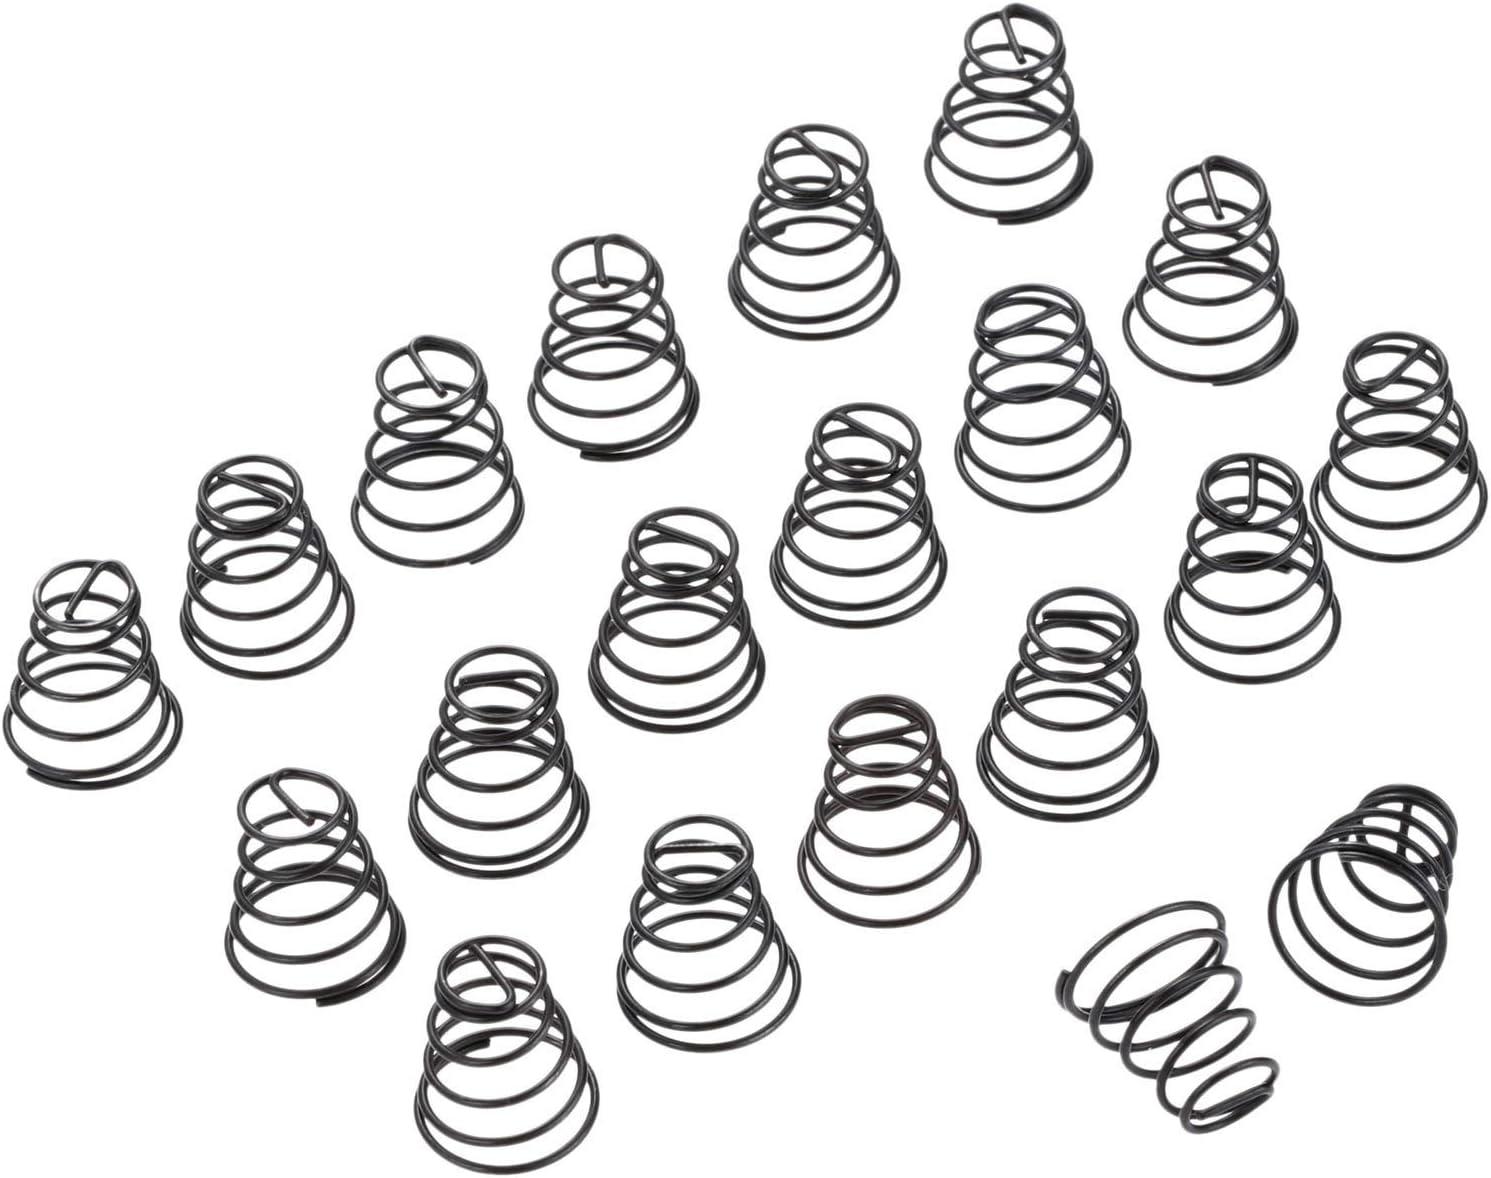 F-MINGNIAN-SPRING 20pcs Hierro Máquina de Coser Industrial Primavera Tensor de Hilo la tensión del Resorte del hogar Máquina de Coser tensión del Hilo (tamaño : 1.7cm 20pcs): Amazon.es: Hogar